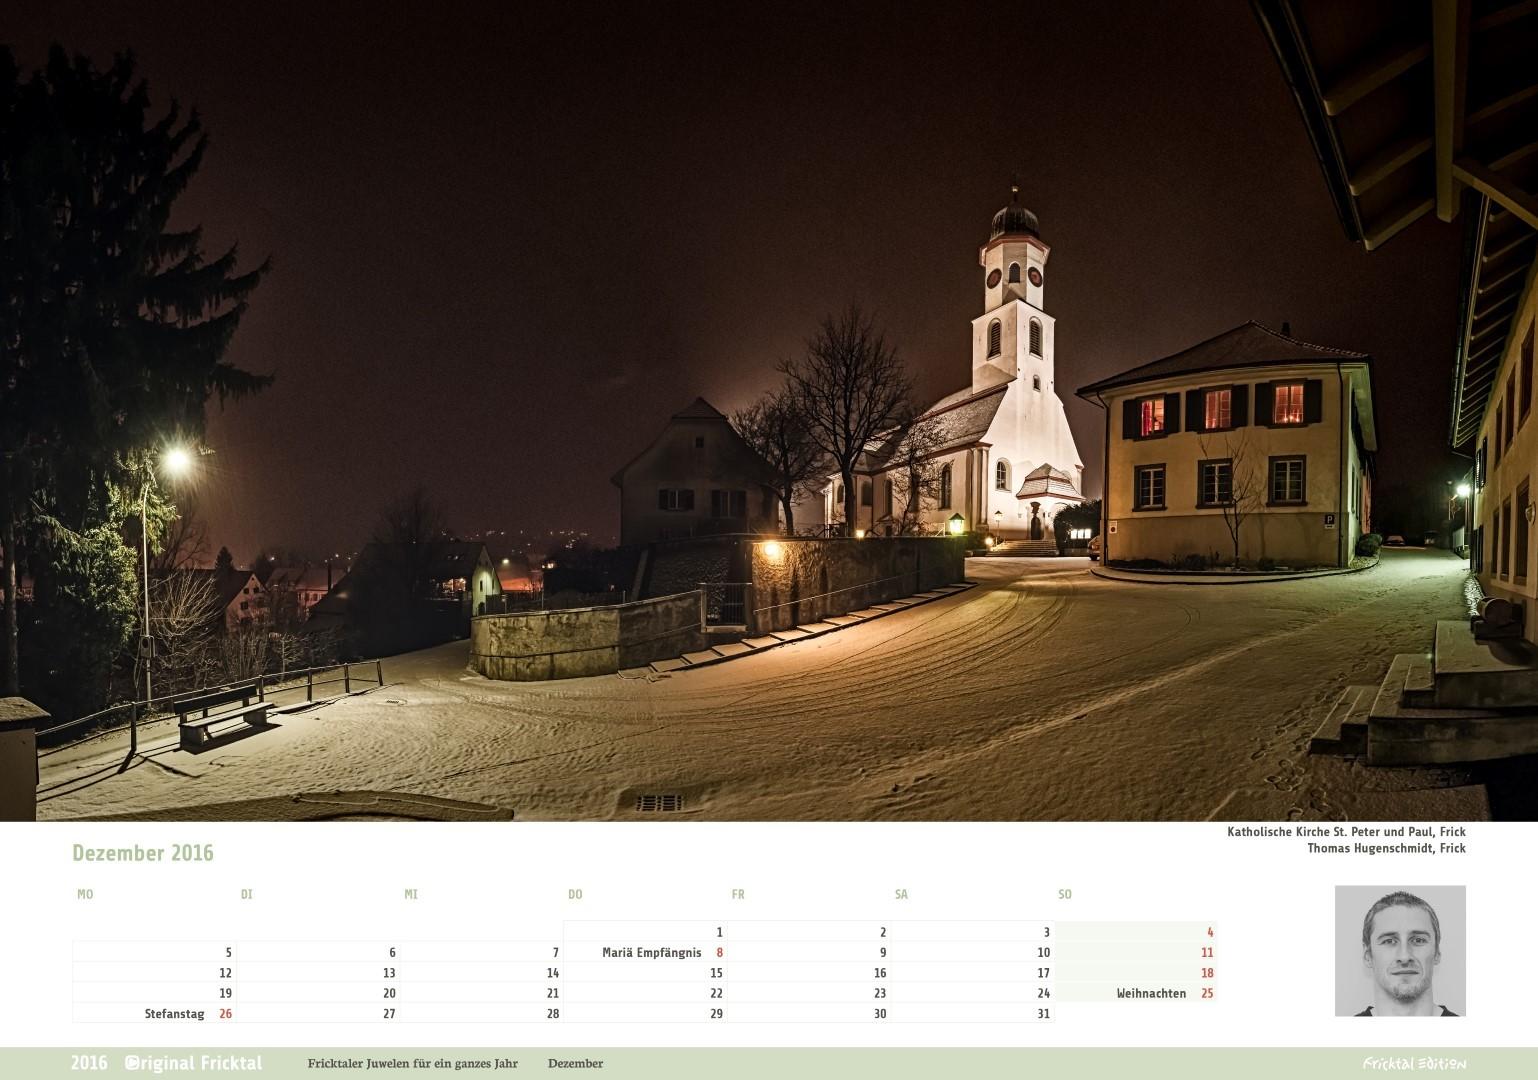 Original Fricktal, Katholische Kirche St. Peter und Paul, Frick, Thomas Hugenschmidt